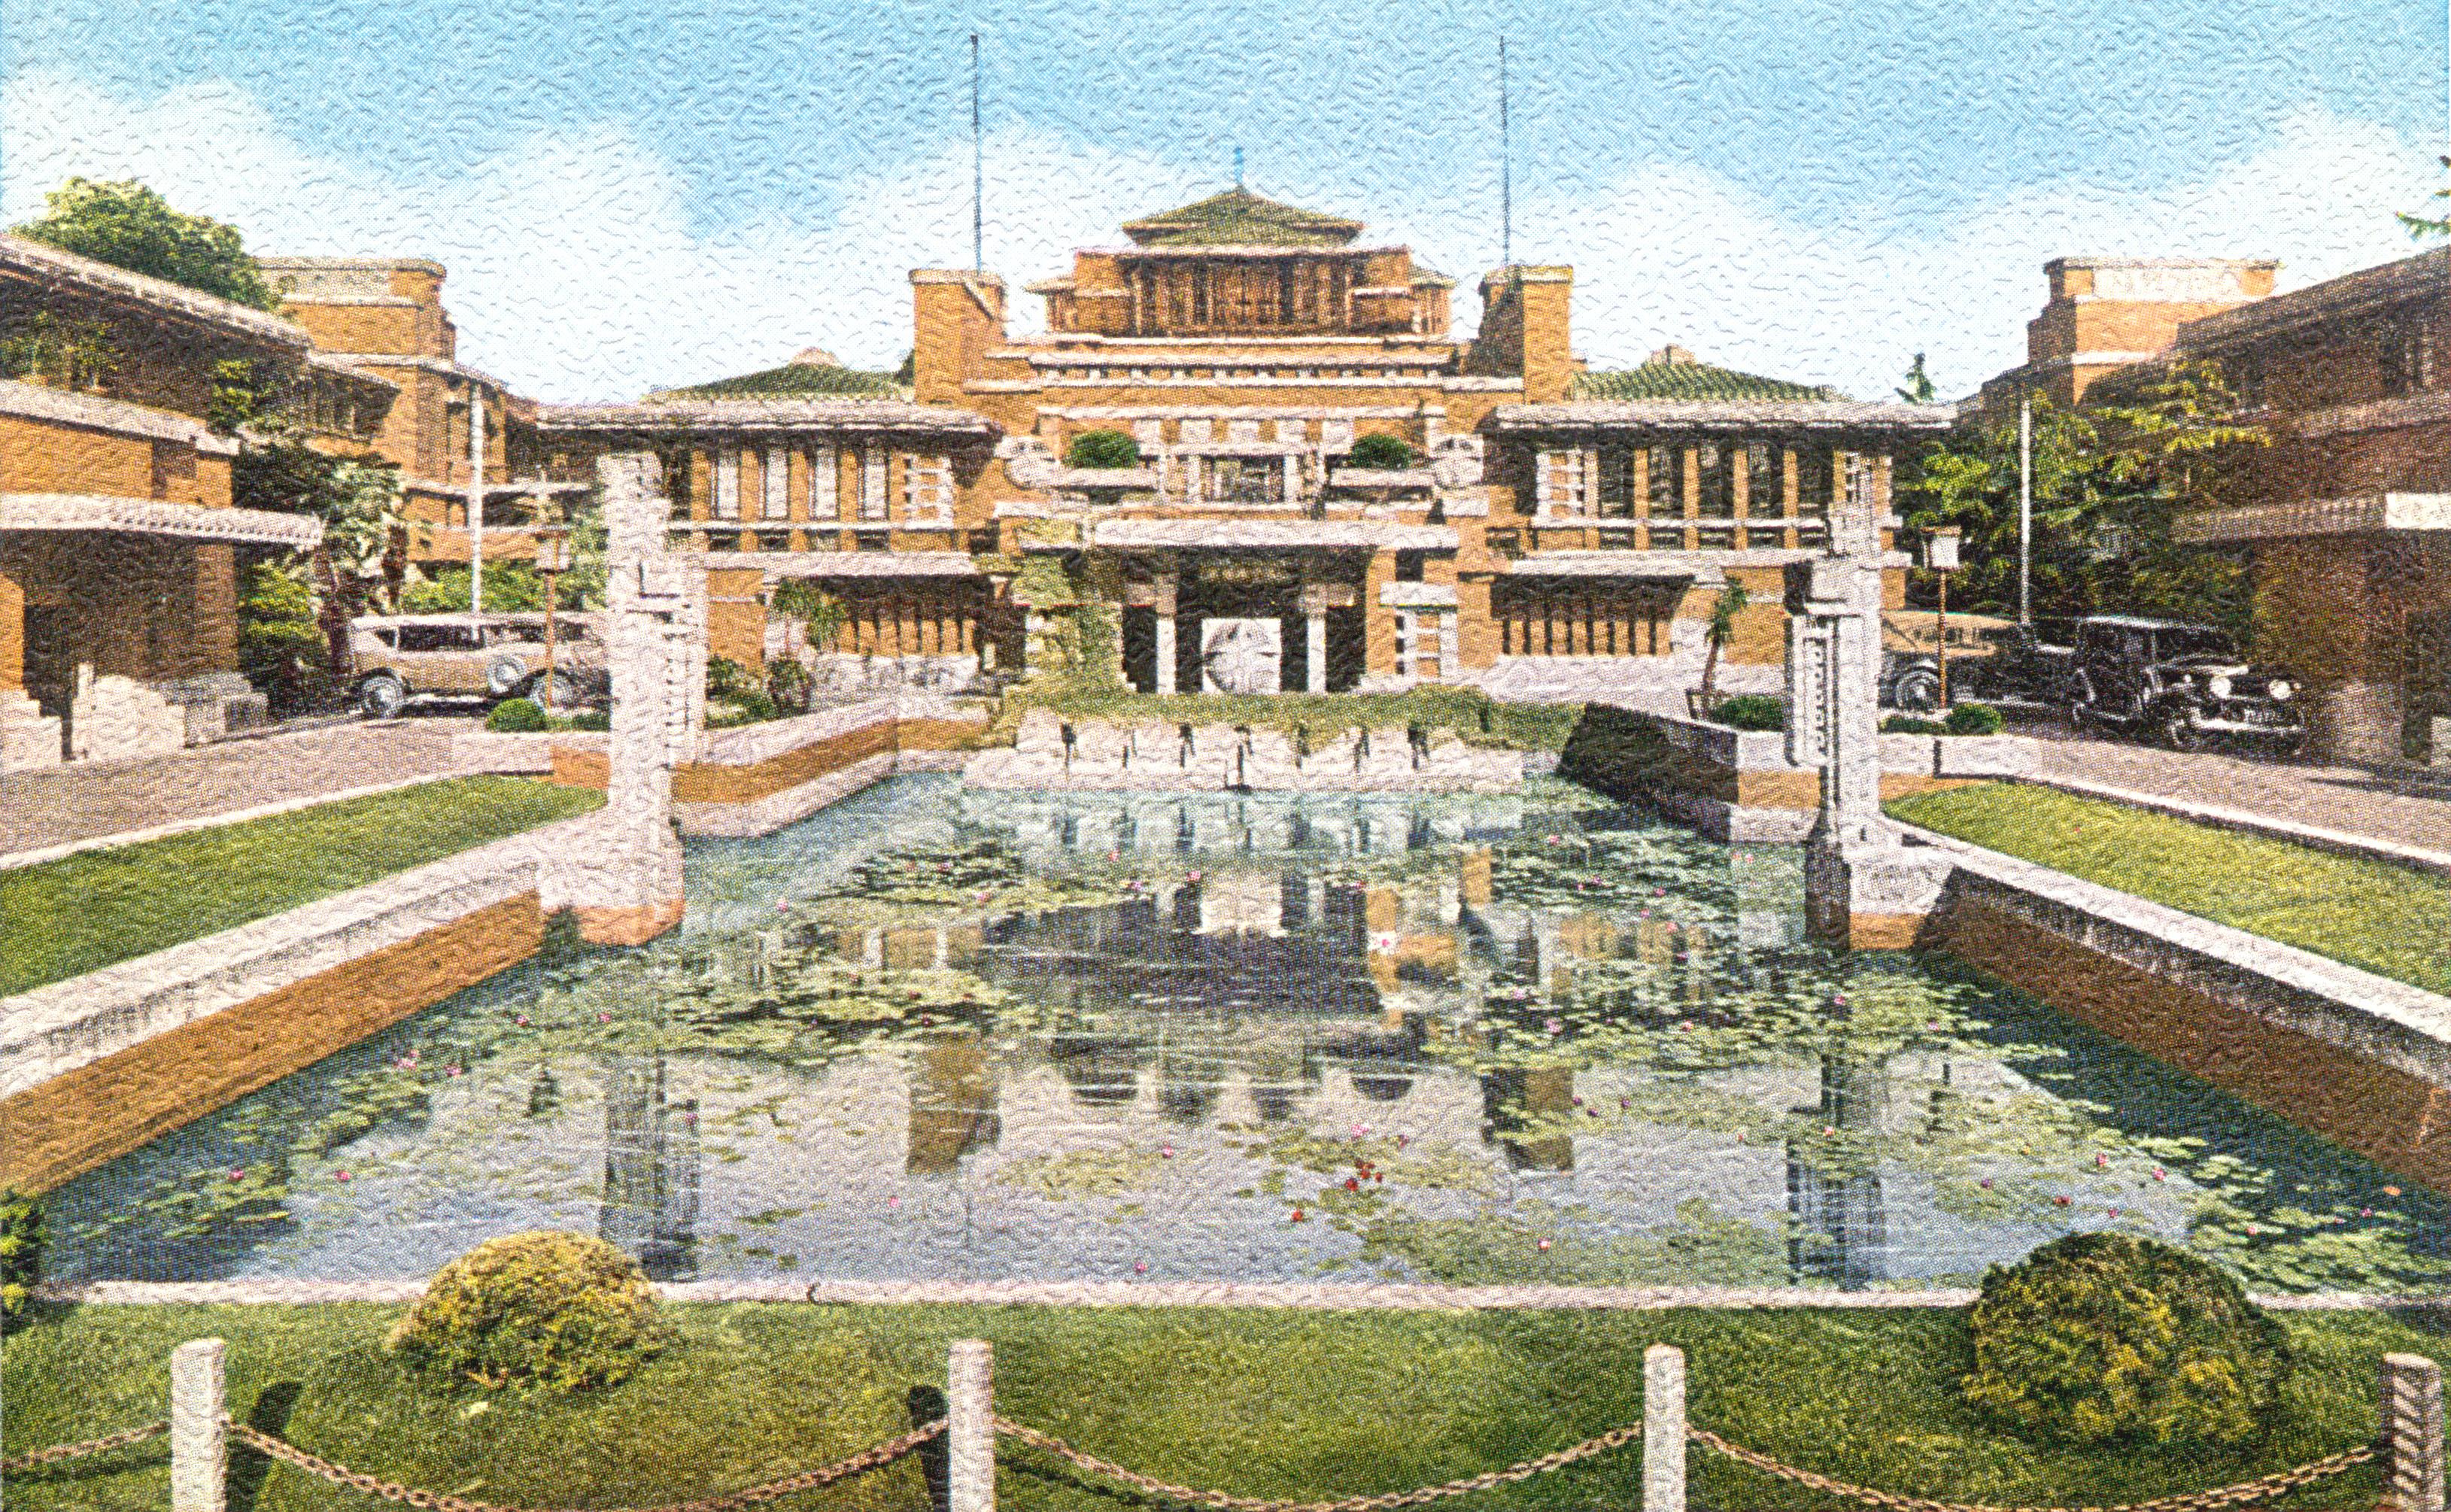 Imperial Hotel (Frank Lloyd Wright), 1923-1968.